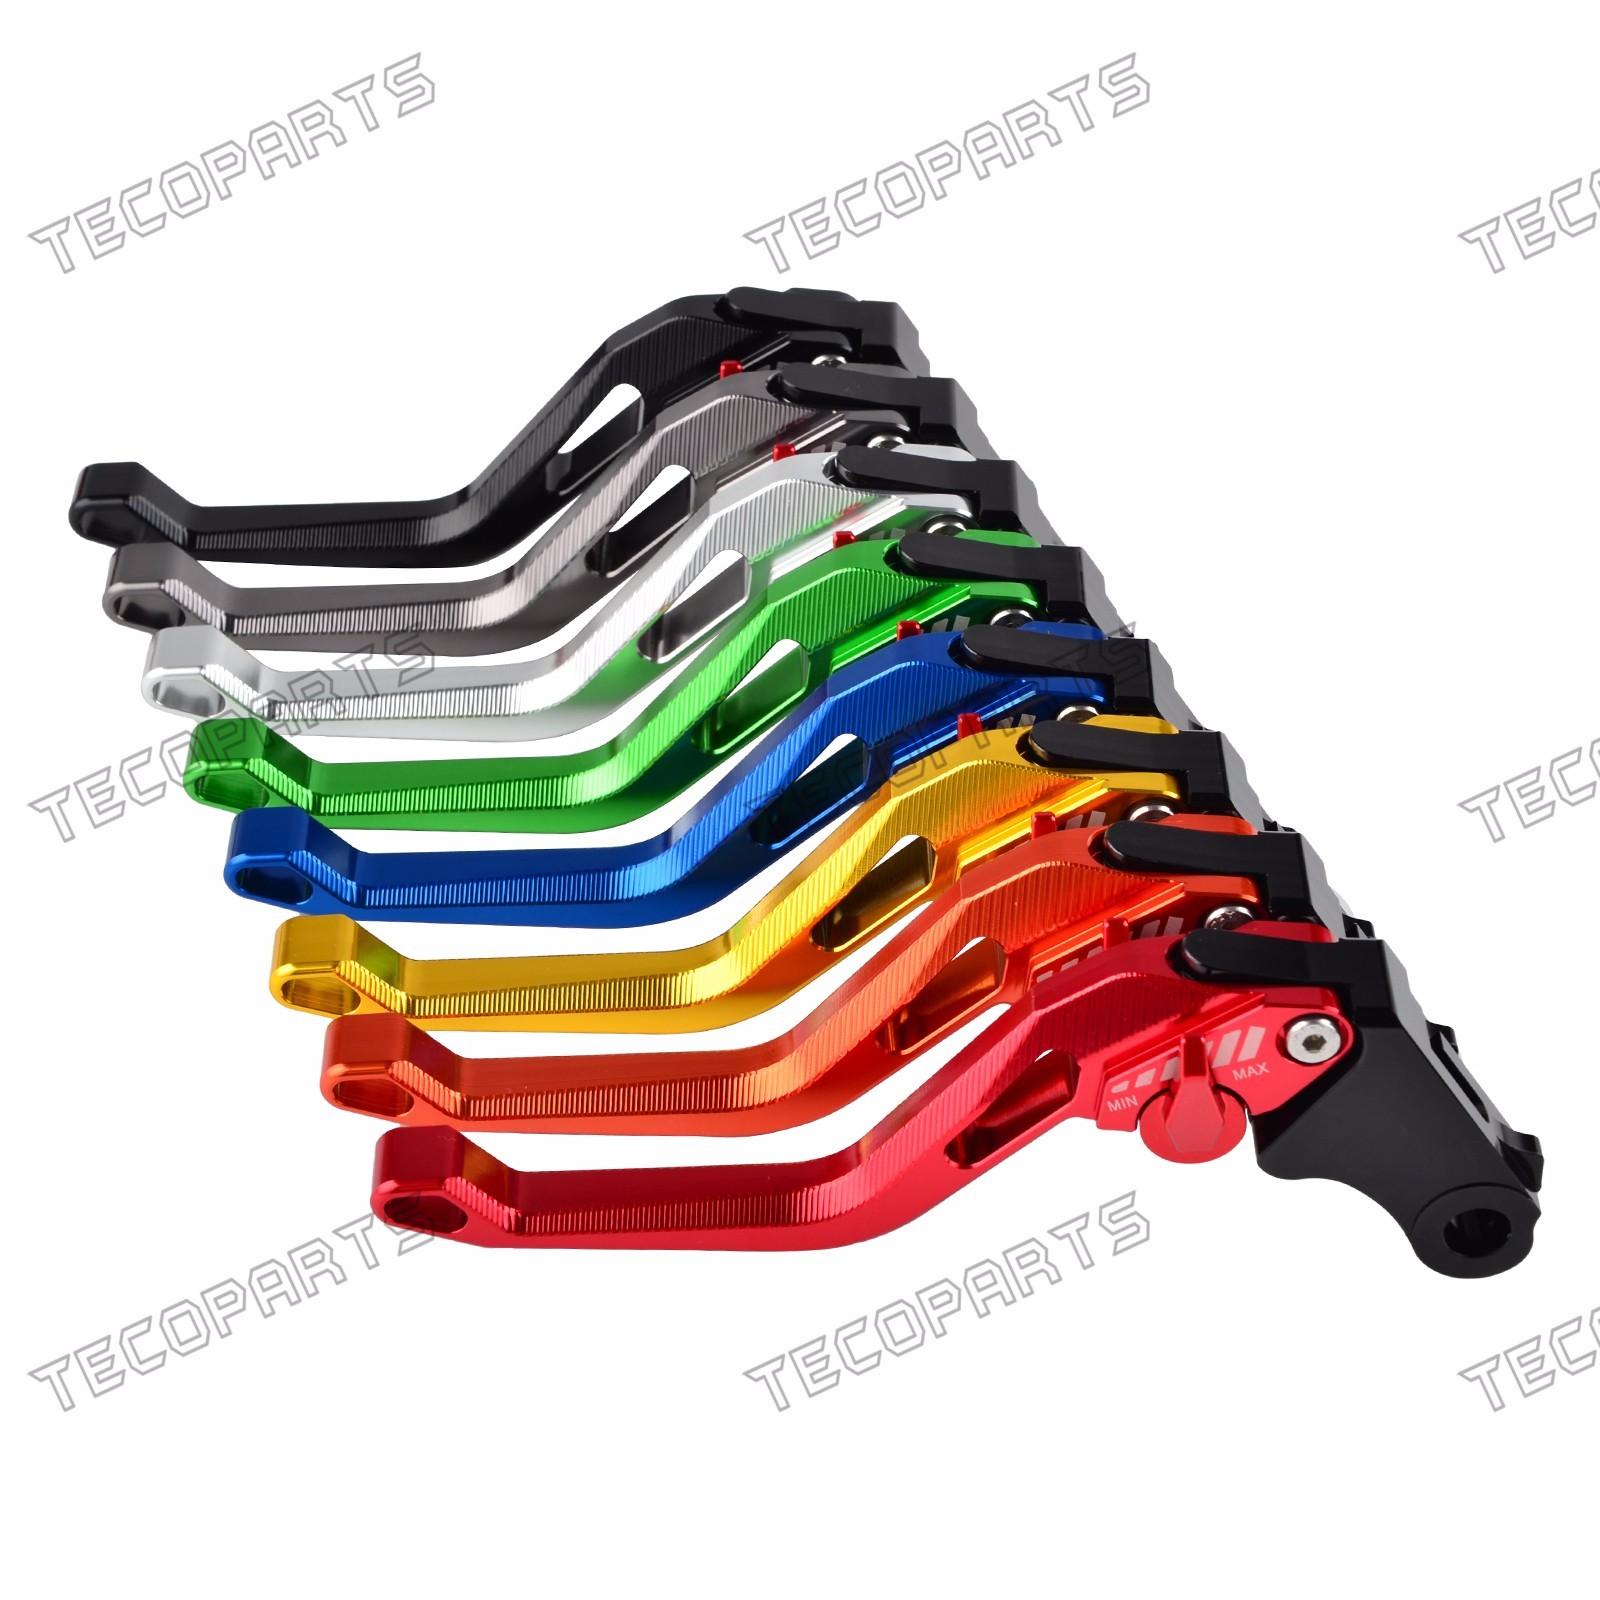 Short 3D CNC Brake Clutch levers for Yamaha XT600 ZE Tenere 87-92 XT660R//X 04-16